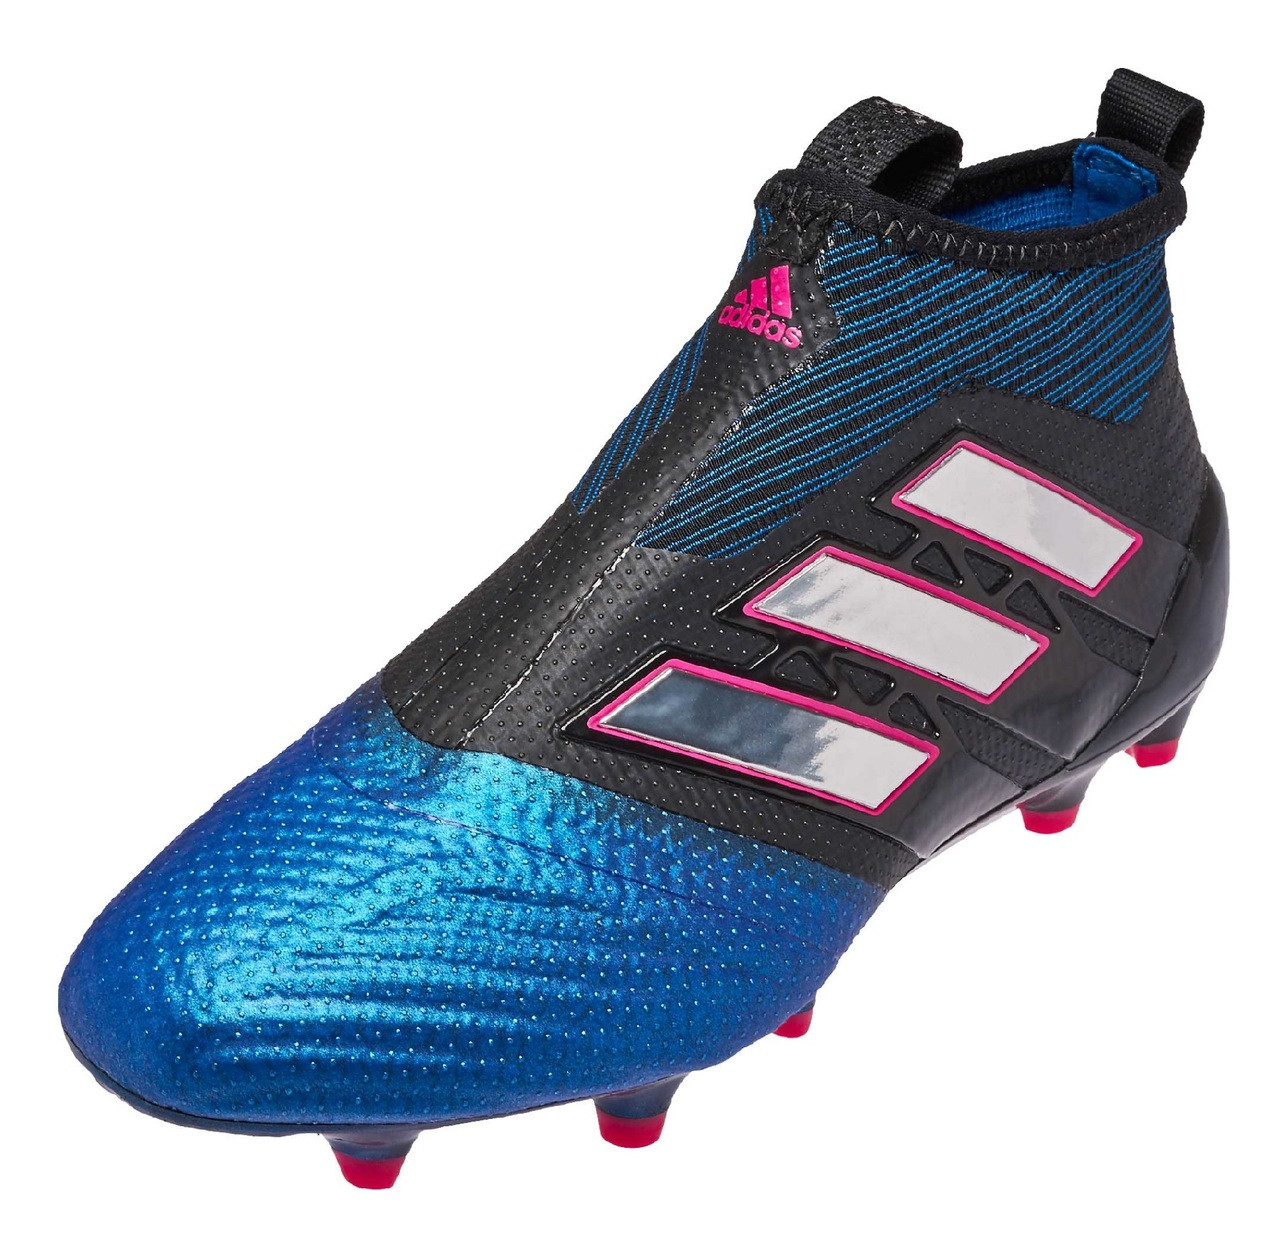 7f8c329f3c7 Adidas Ace 17.1 Purecontrol FG Jr - Core Black Cloud White Blue (121518) -  ohp soccer